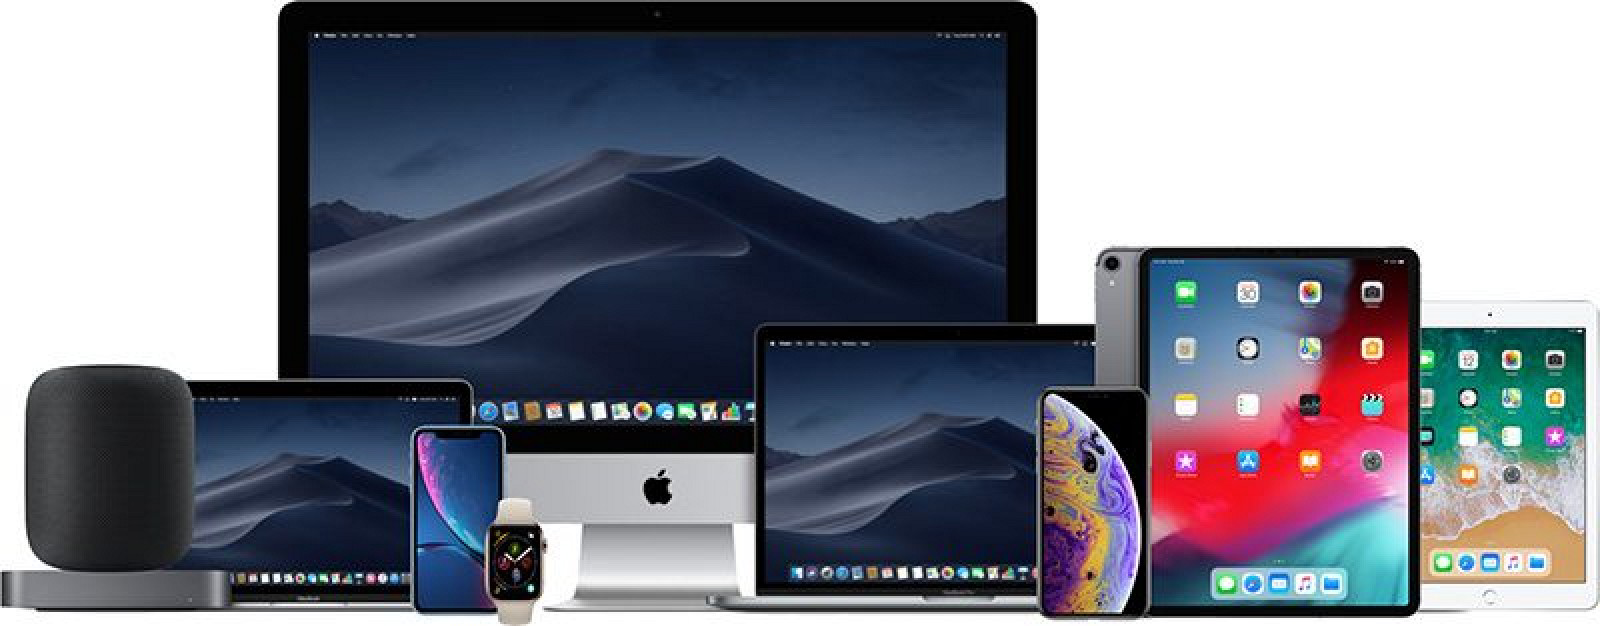 تكشف الأجهزة المستخدمة الآن مليار Apple-1.4-billion-ac